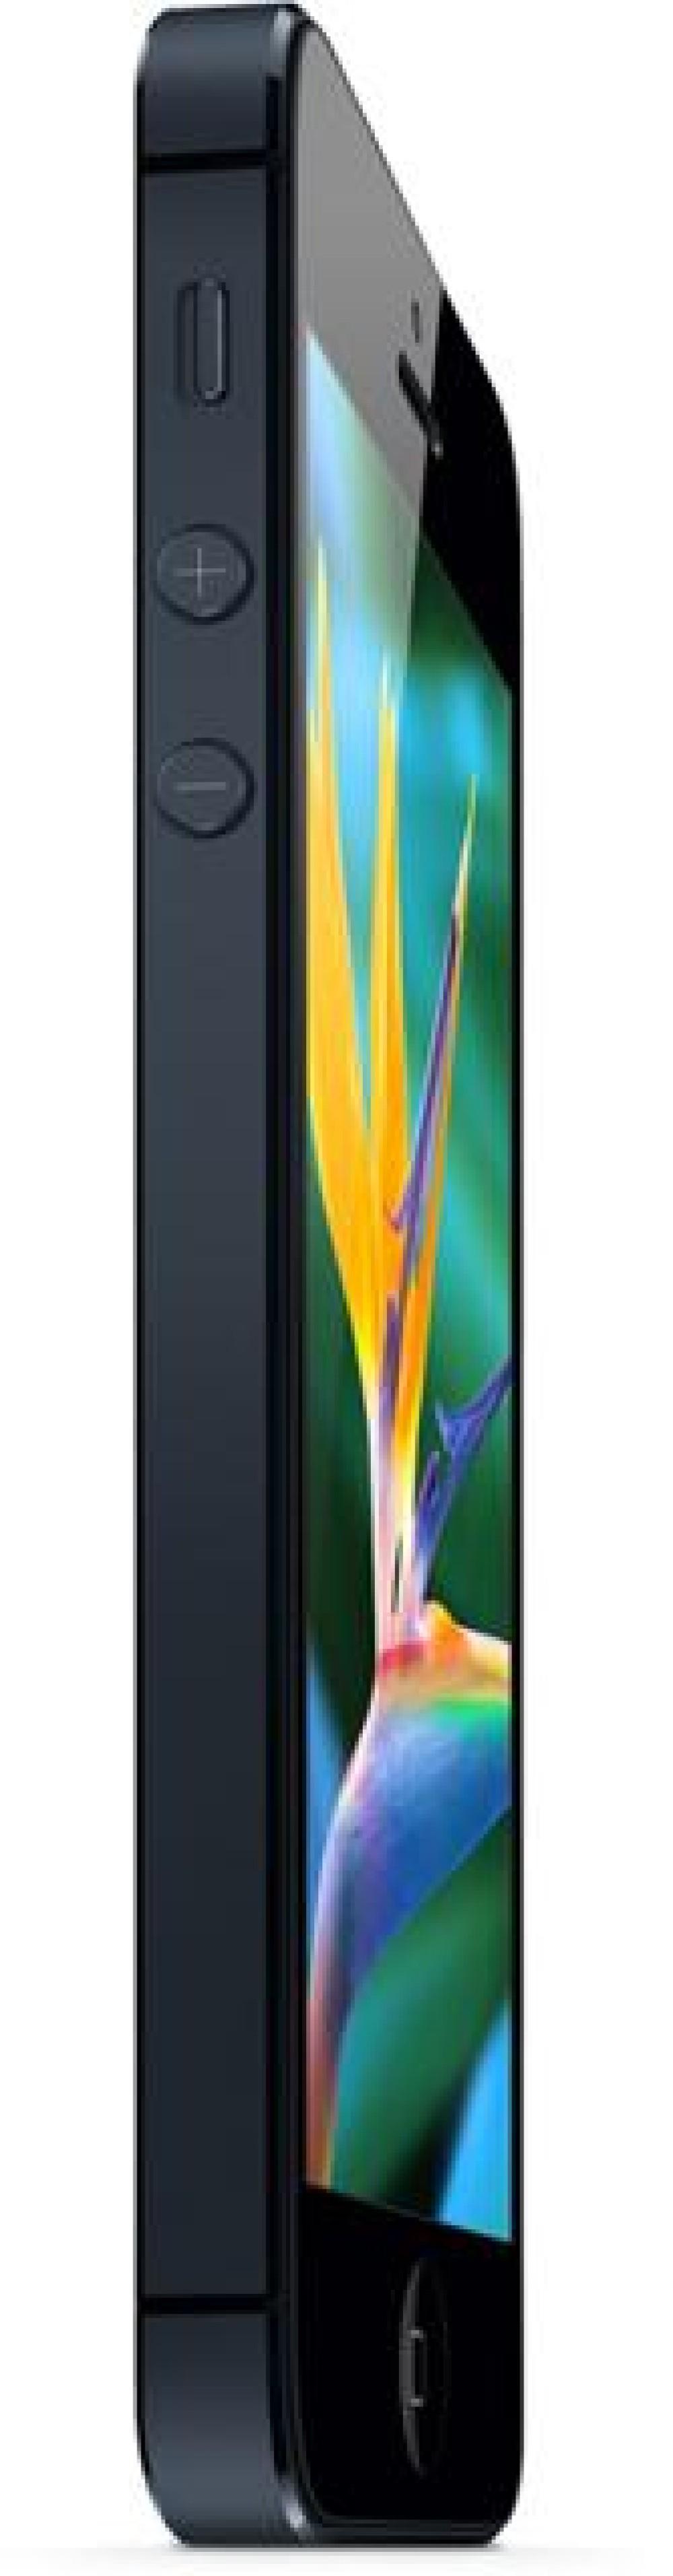 Οι HTC και Samsung ζητούν την απαγόρευση της κυκλοφορίας του iPhone 5 σε Ευρώπη και ΗΠΑ